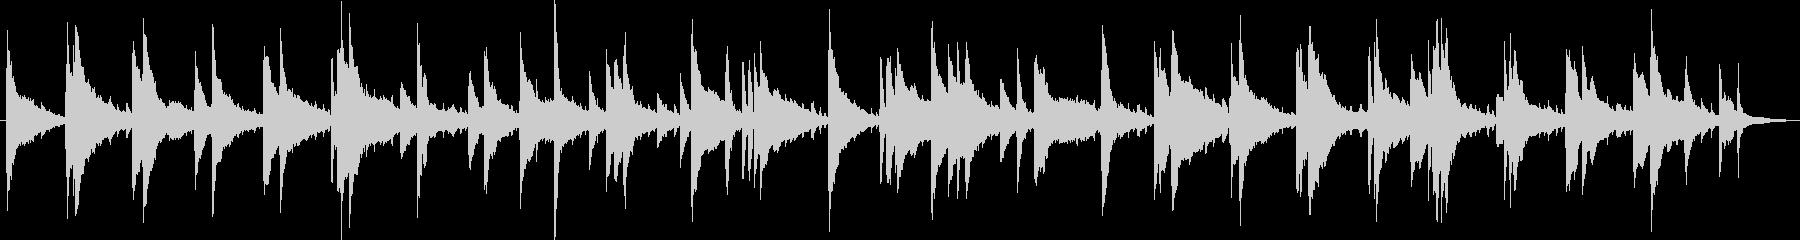 遅いテンポのジャズ・ピアノトリオの未再生の波形